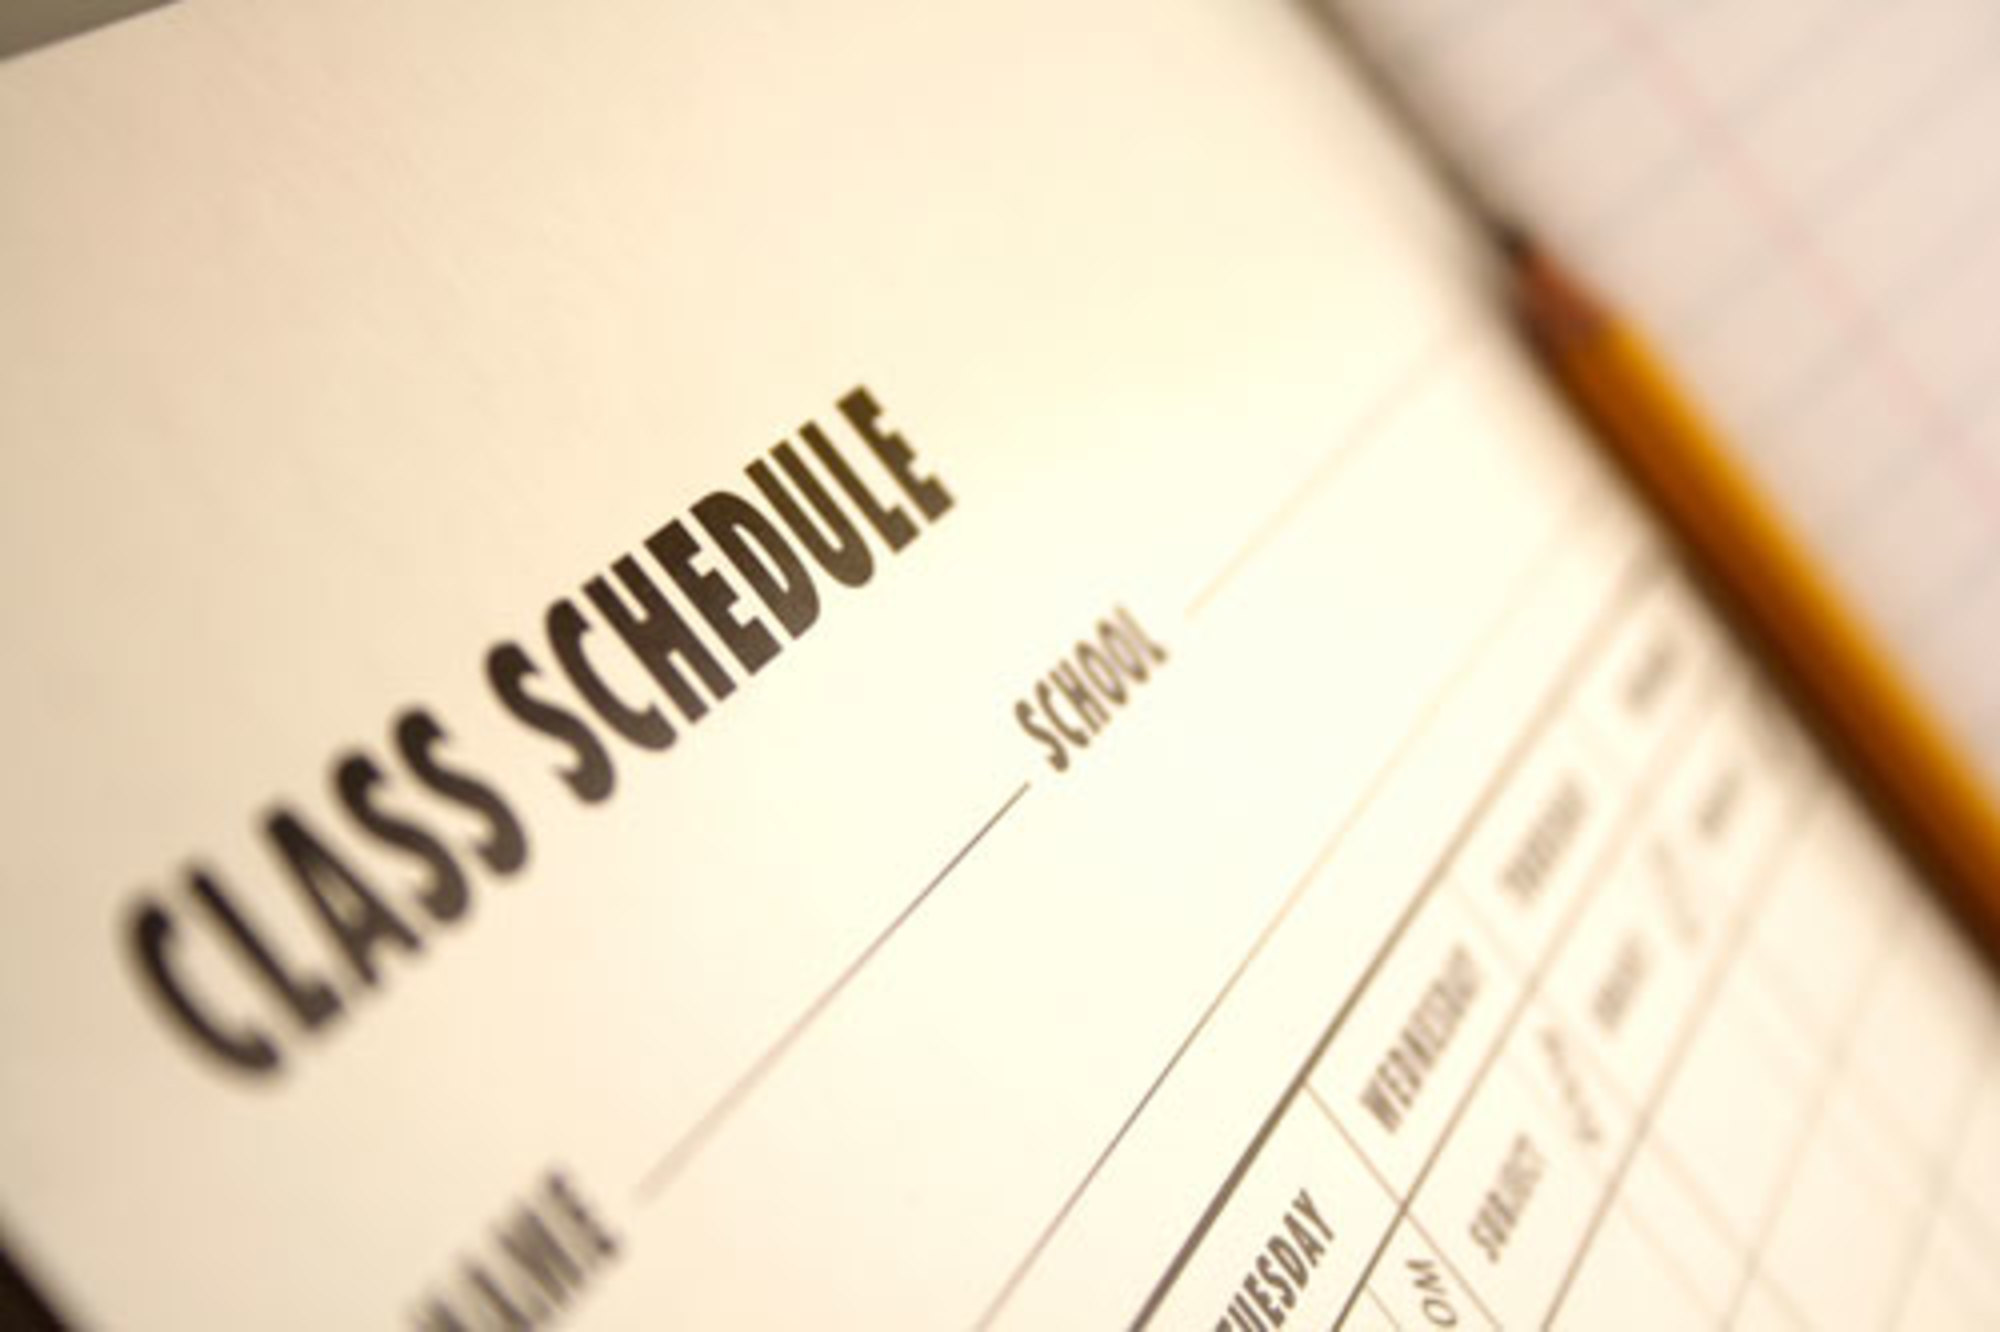 لیست کلاس های درحال ثبت نام(همواره آپدیت)